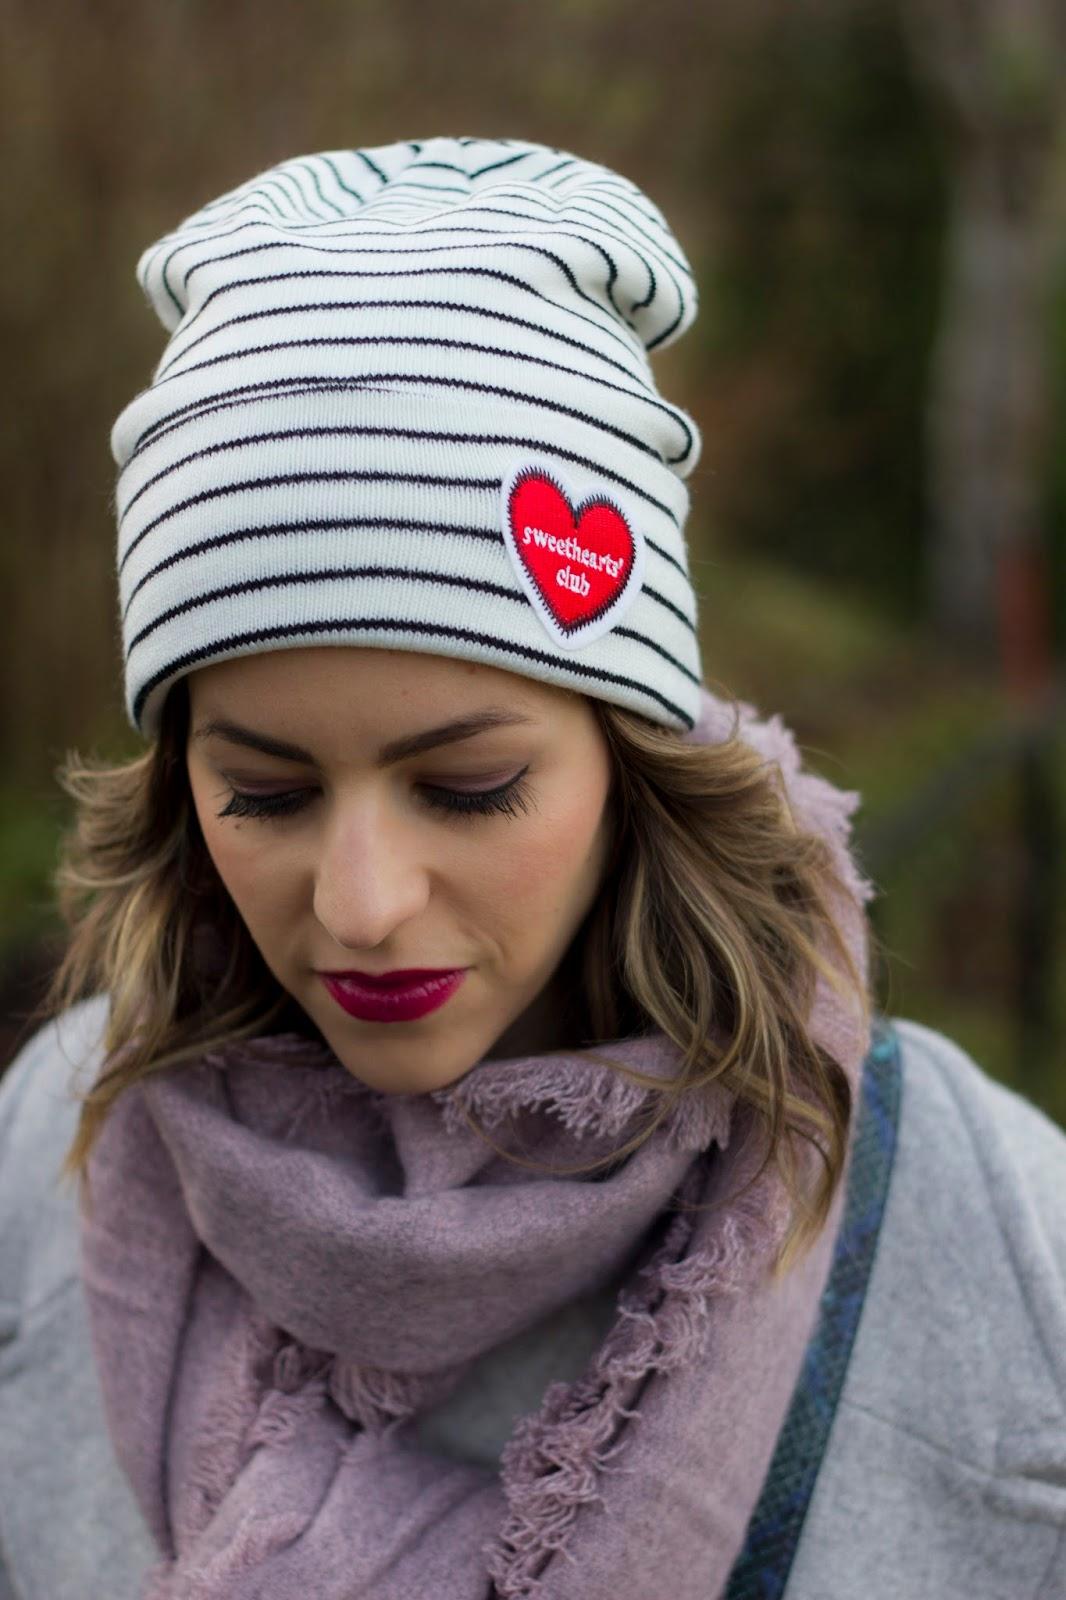 bonnet-accessoires-pour-relever-look-tenue-hiver 83b0c21e8ce